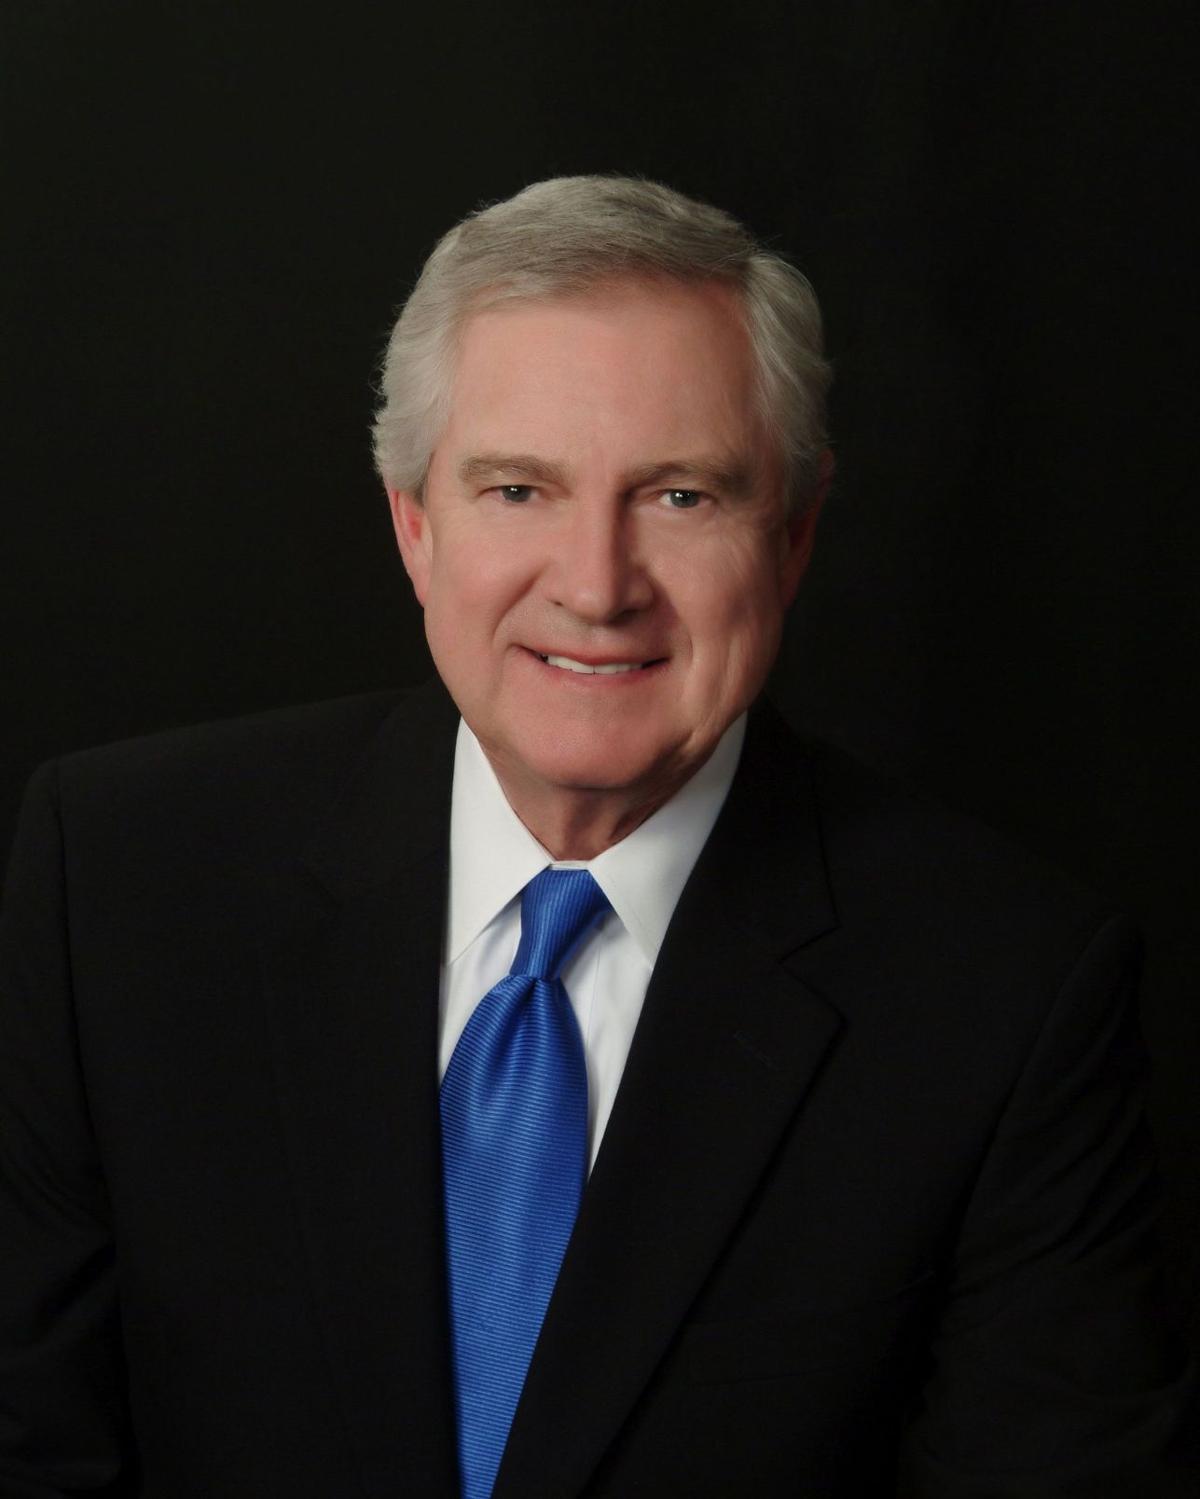 Roper CEO Dunlap announces retirement plans